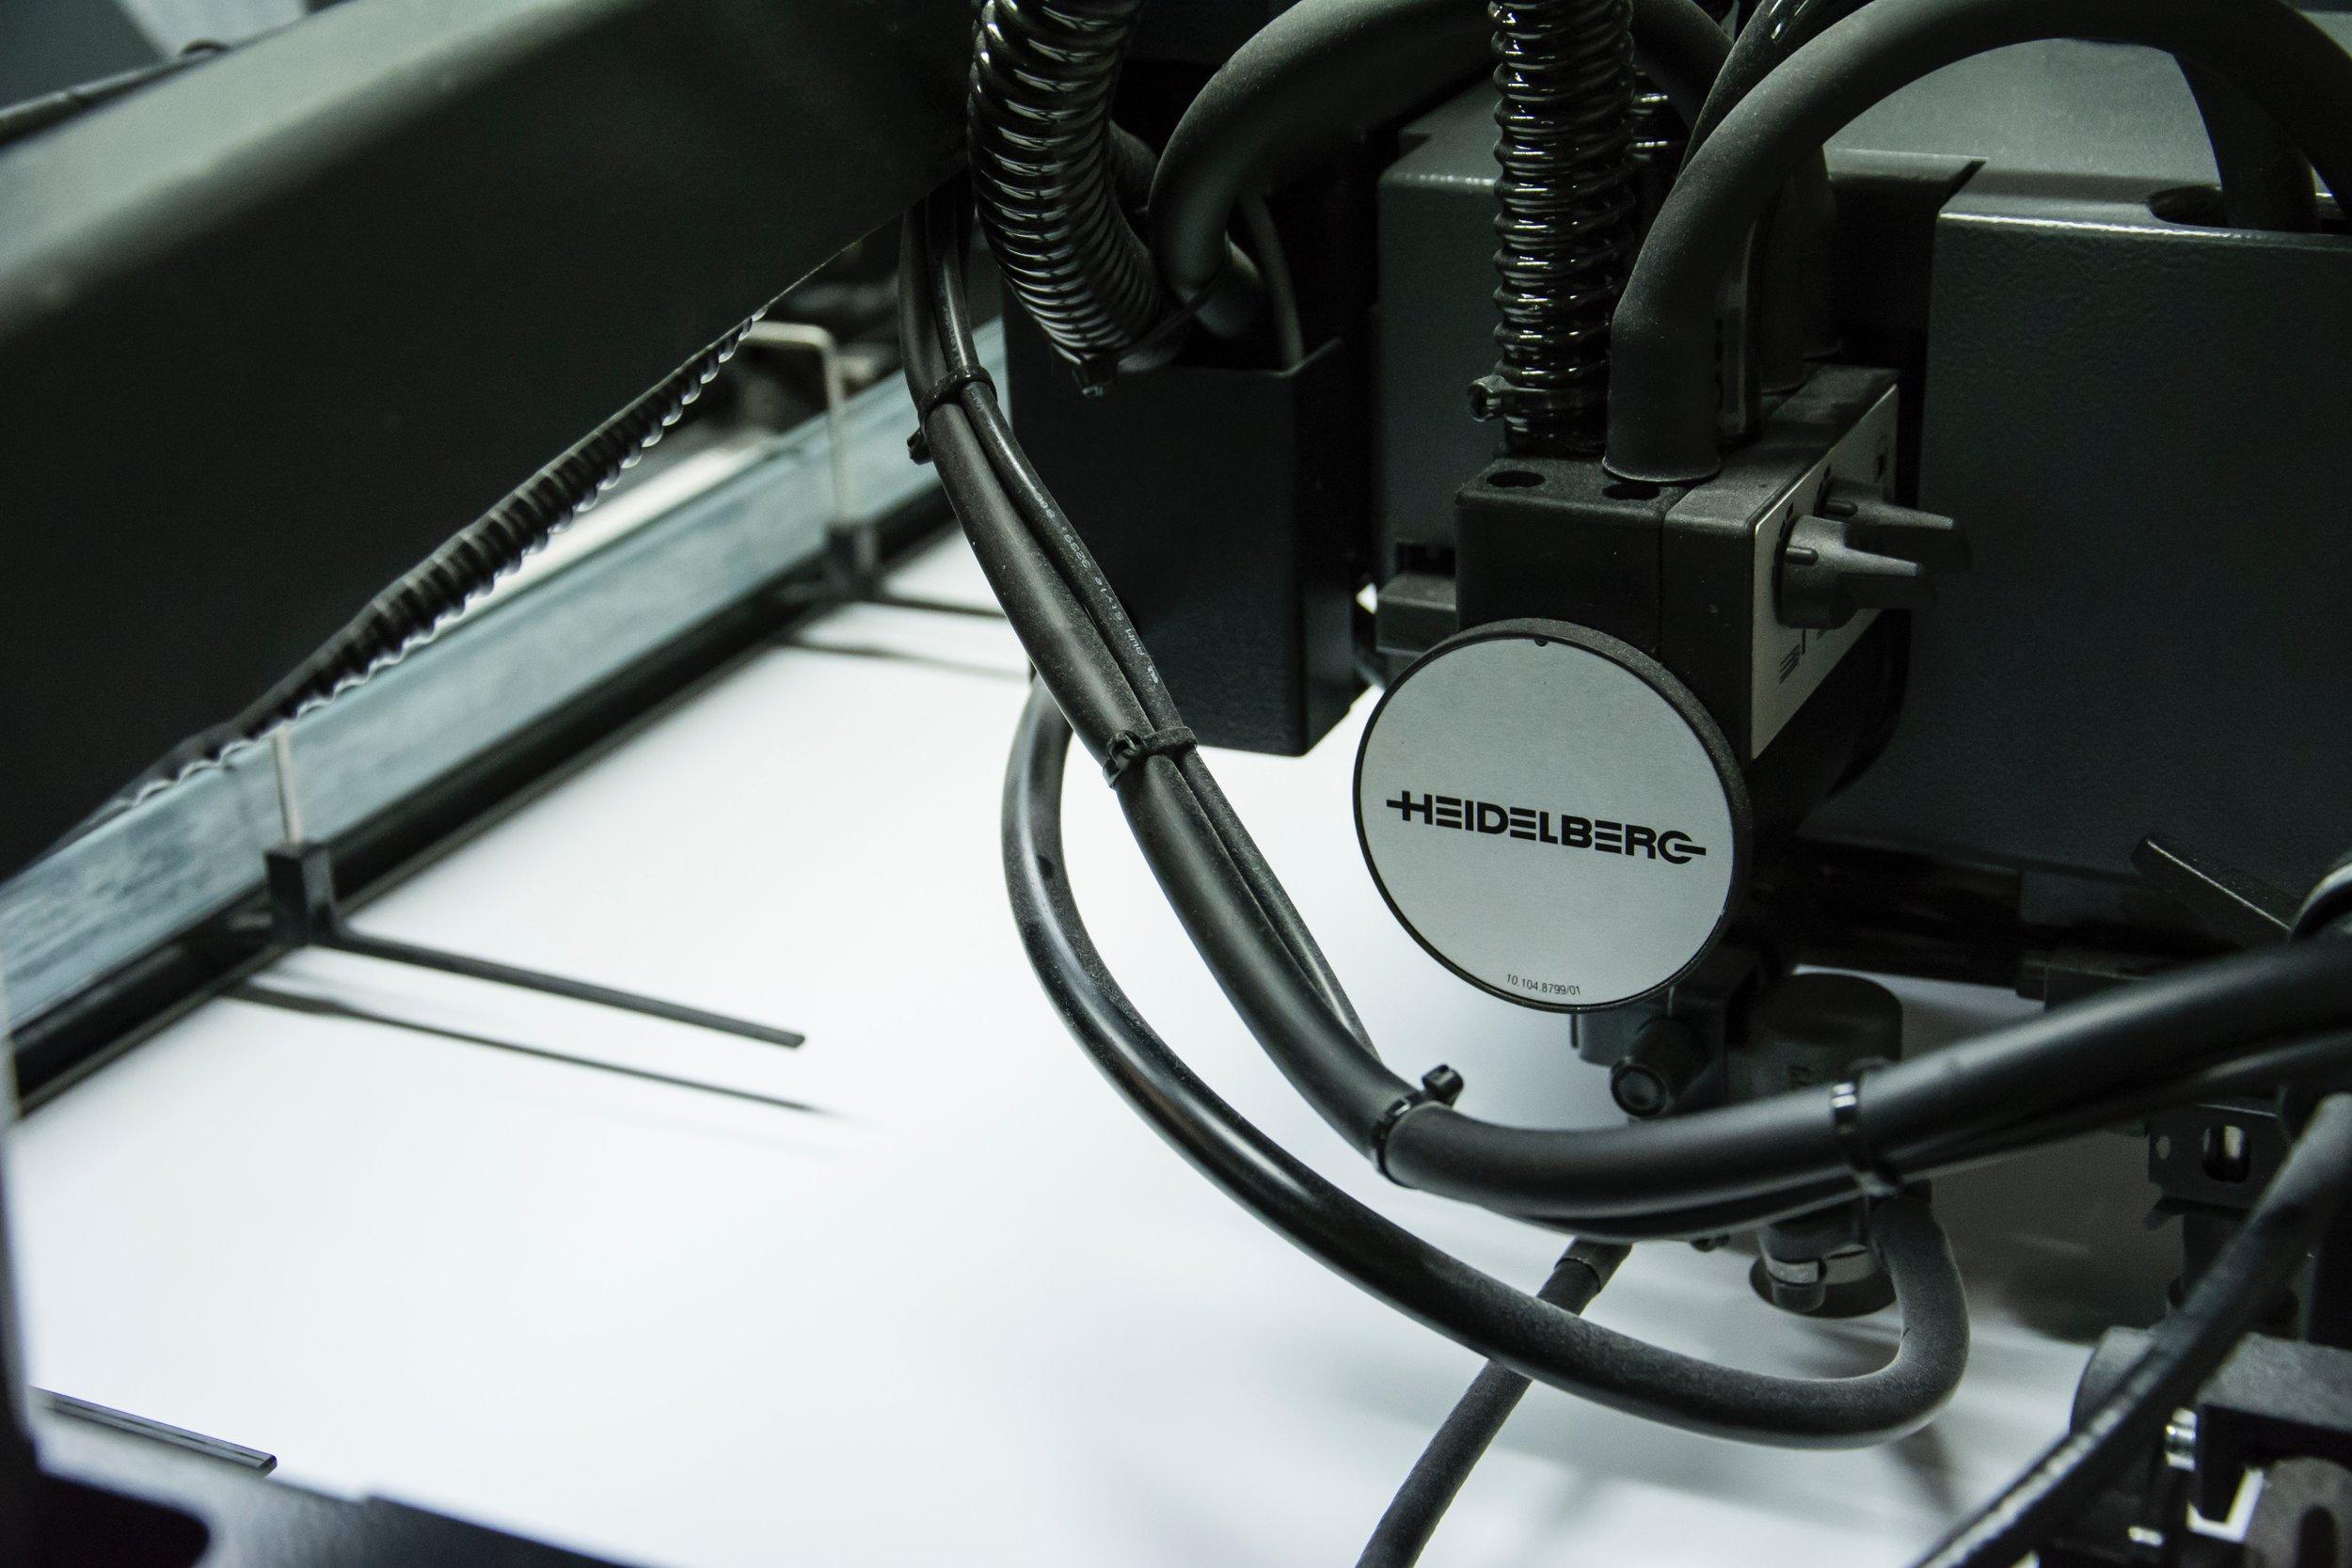 andre-robillard-2113-unsplash.jpg